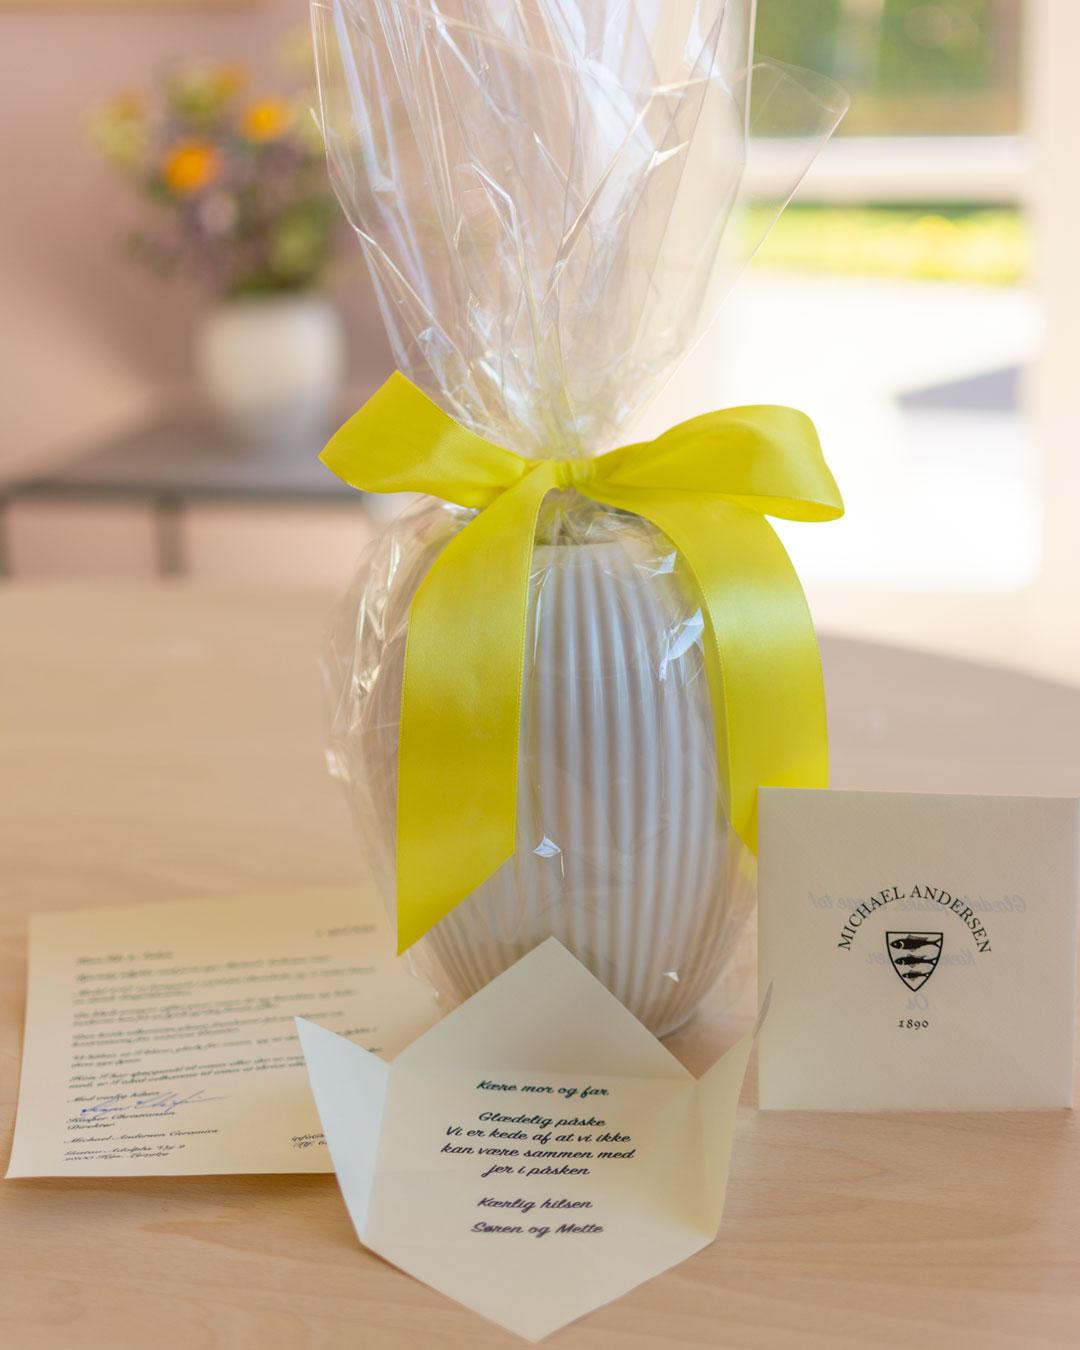 Hvid vase pakket ind som påskeæg med gul sløjfe og personlig hilsen Michael Andersen Keramik Model 4767